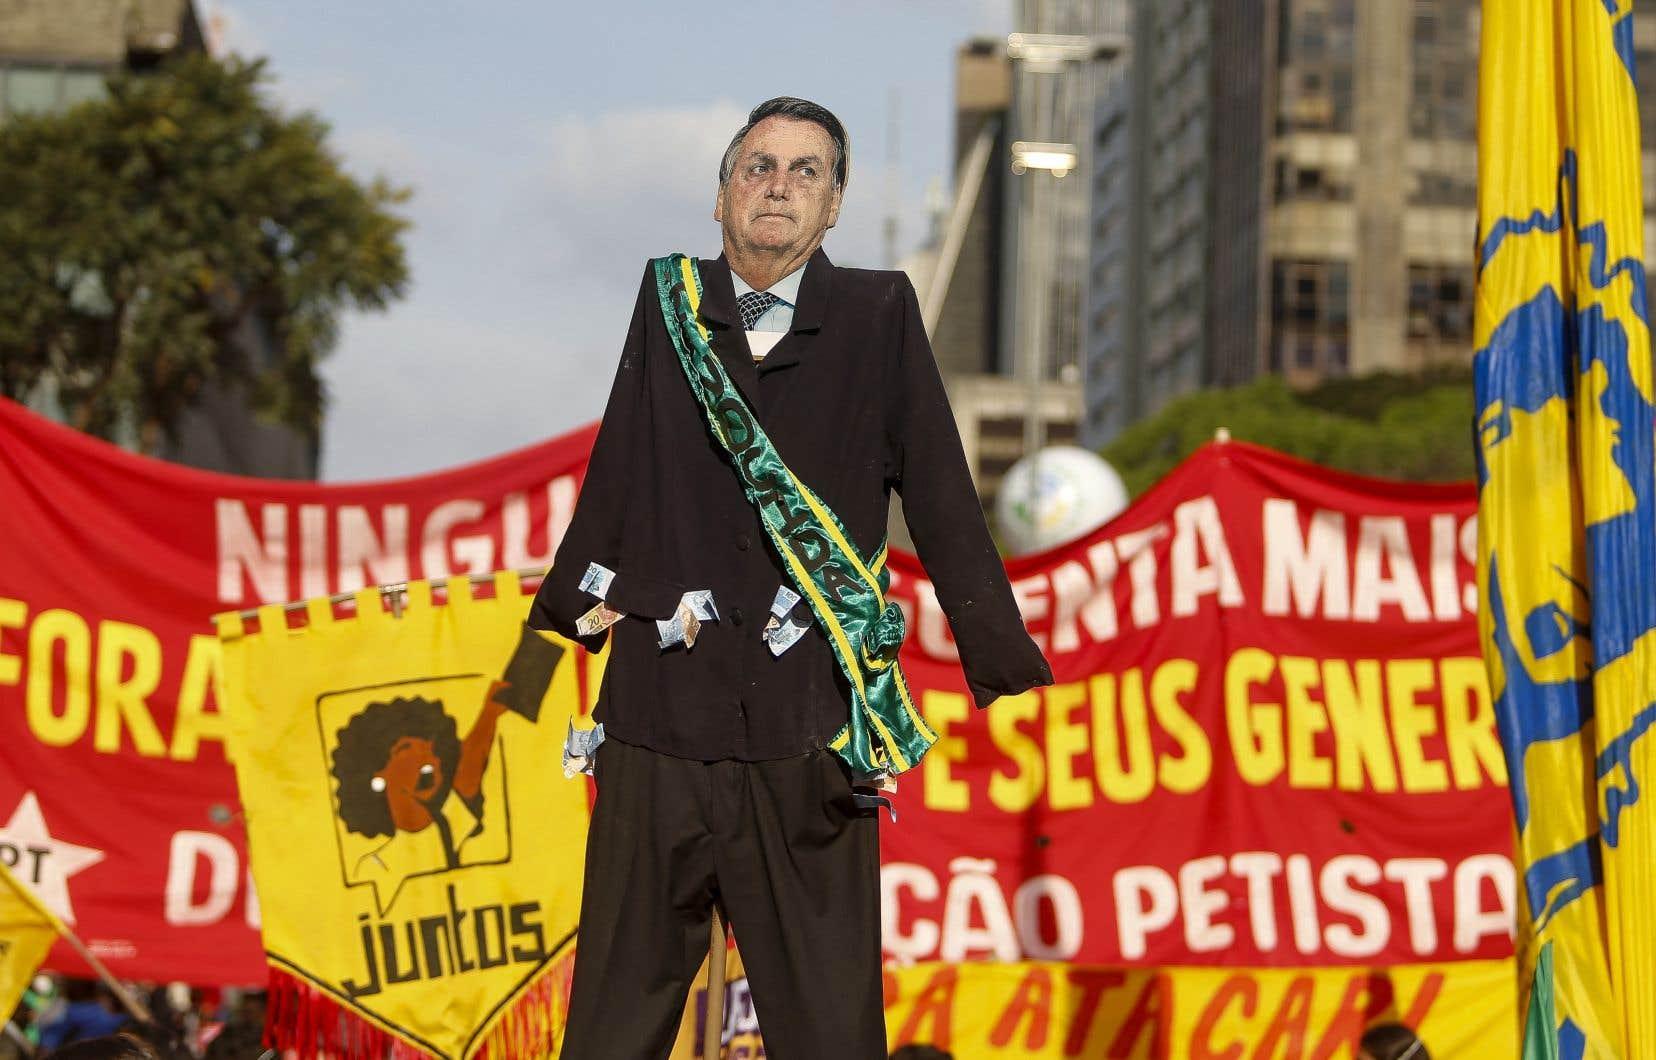 Des rassemblements ont eu lieu à l'appel de l'opposition également à Belem, Recife et Maceió où l'on pouvait lire sur des banderoles: «Bolsonaro génocidaire» ou «Destitution tout de suite».